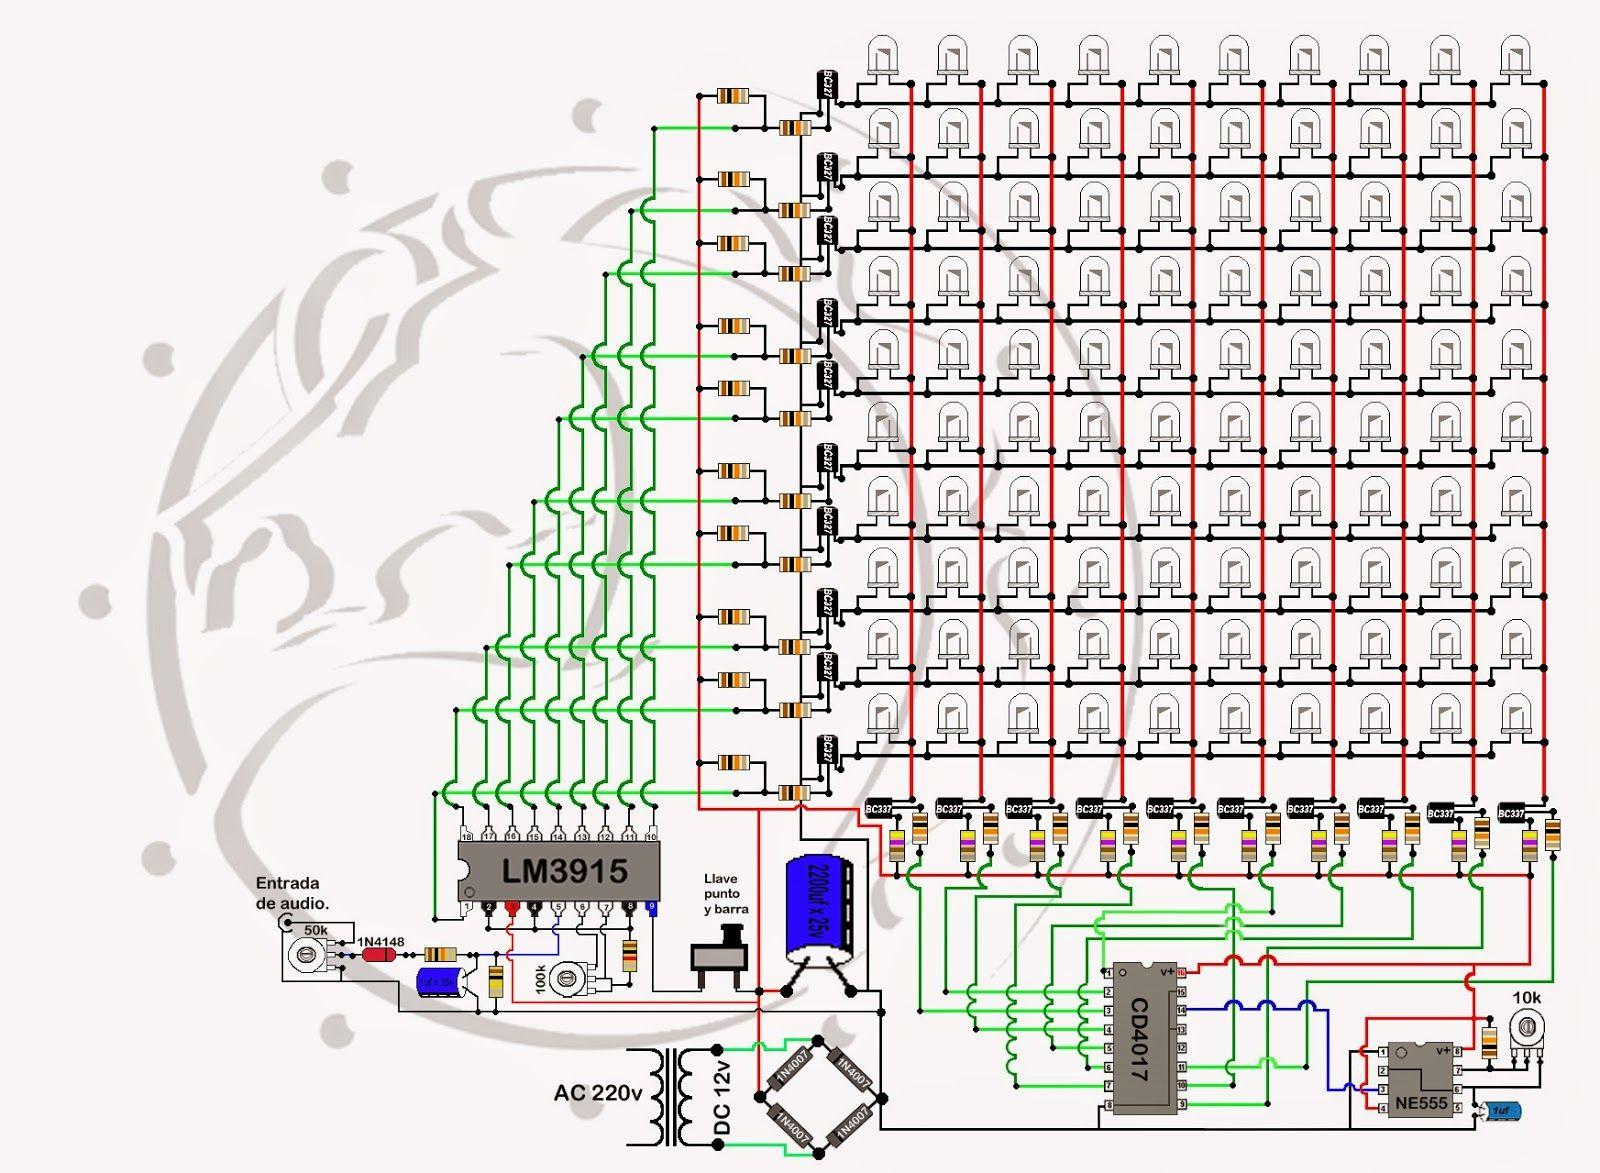 Vumetros A Led Descubre Los Secretos De Un Armado Exitoso Vumetro A Led Con E Analizador De Espectro Diseño De Circuitos Electrónicos Proyectos Eléctricos